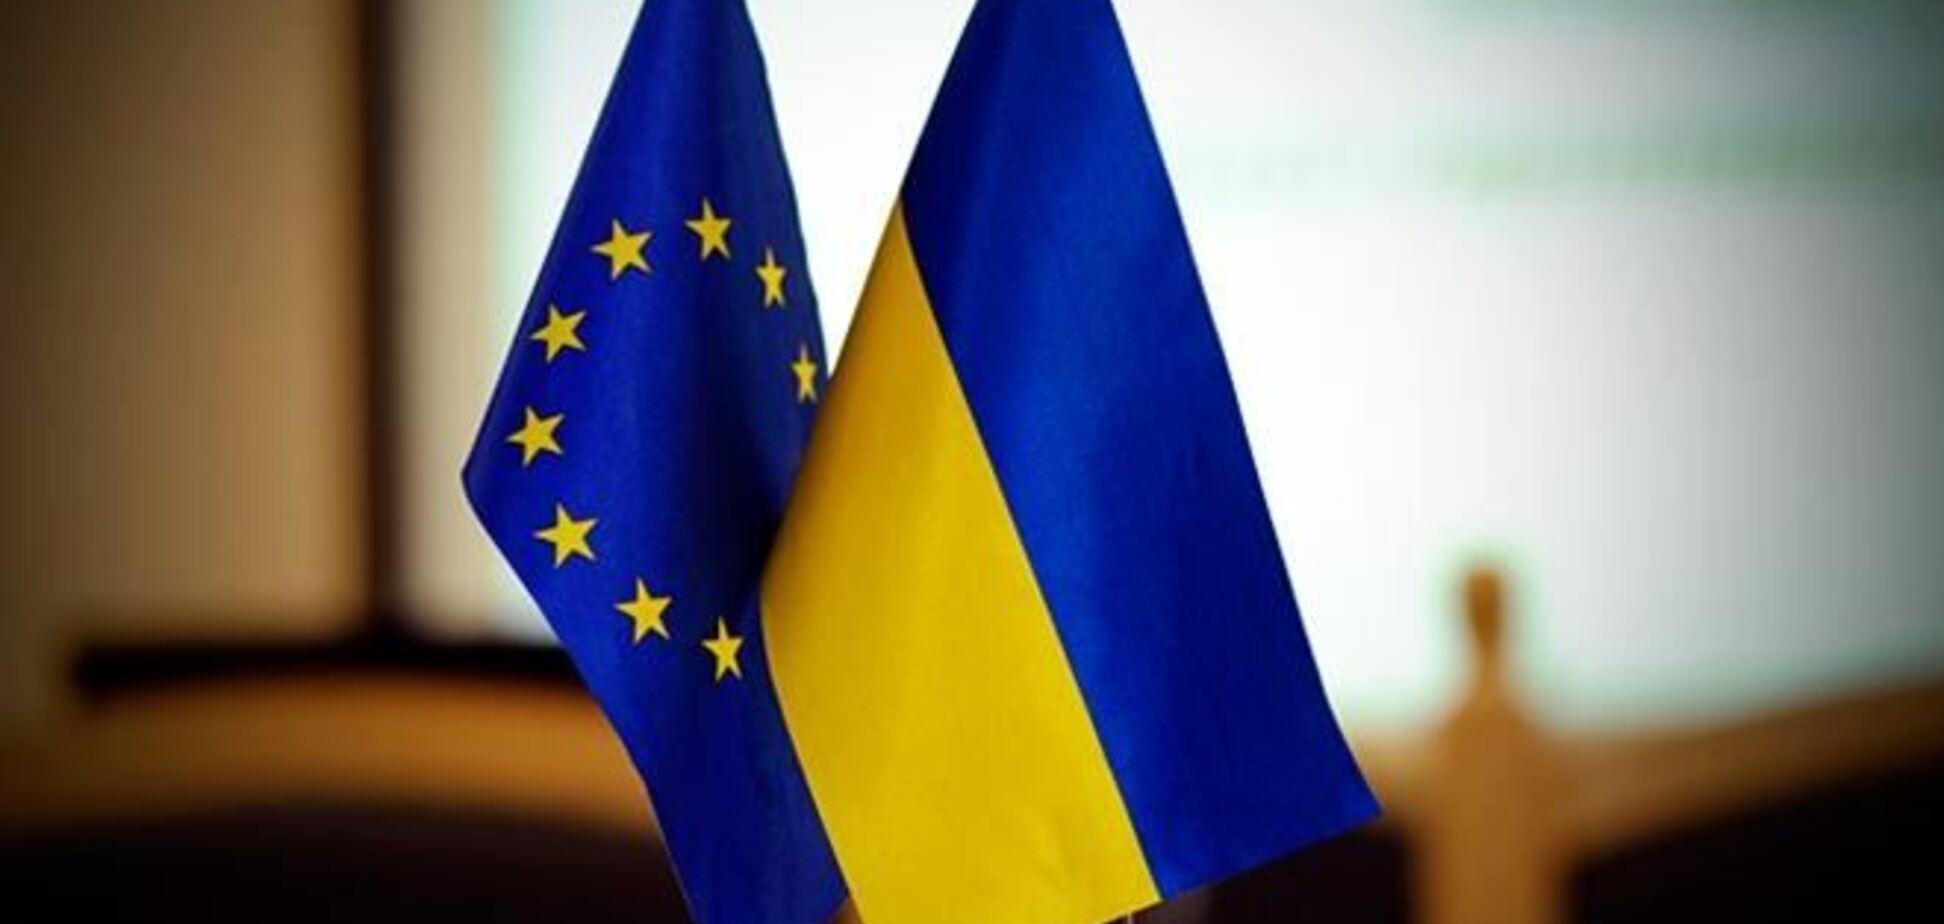 Украина продолжит переговоры по ассоциации с ЕС - пресс-секретарь Азарова